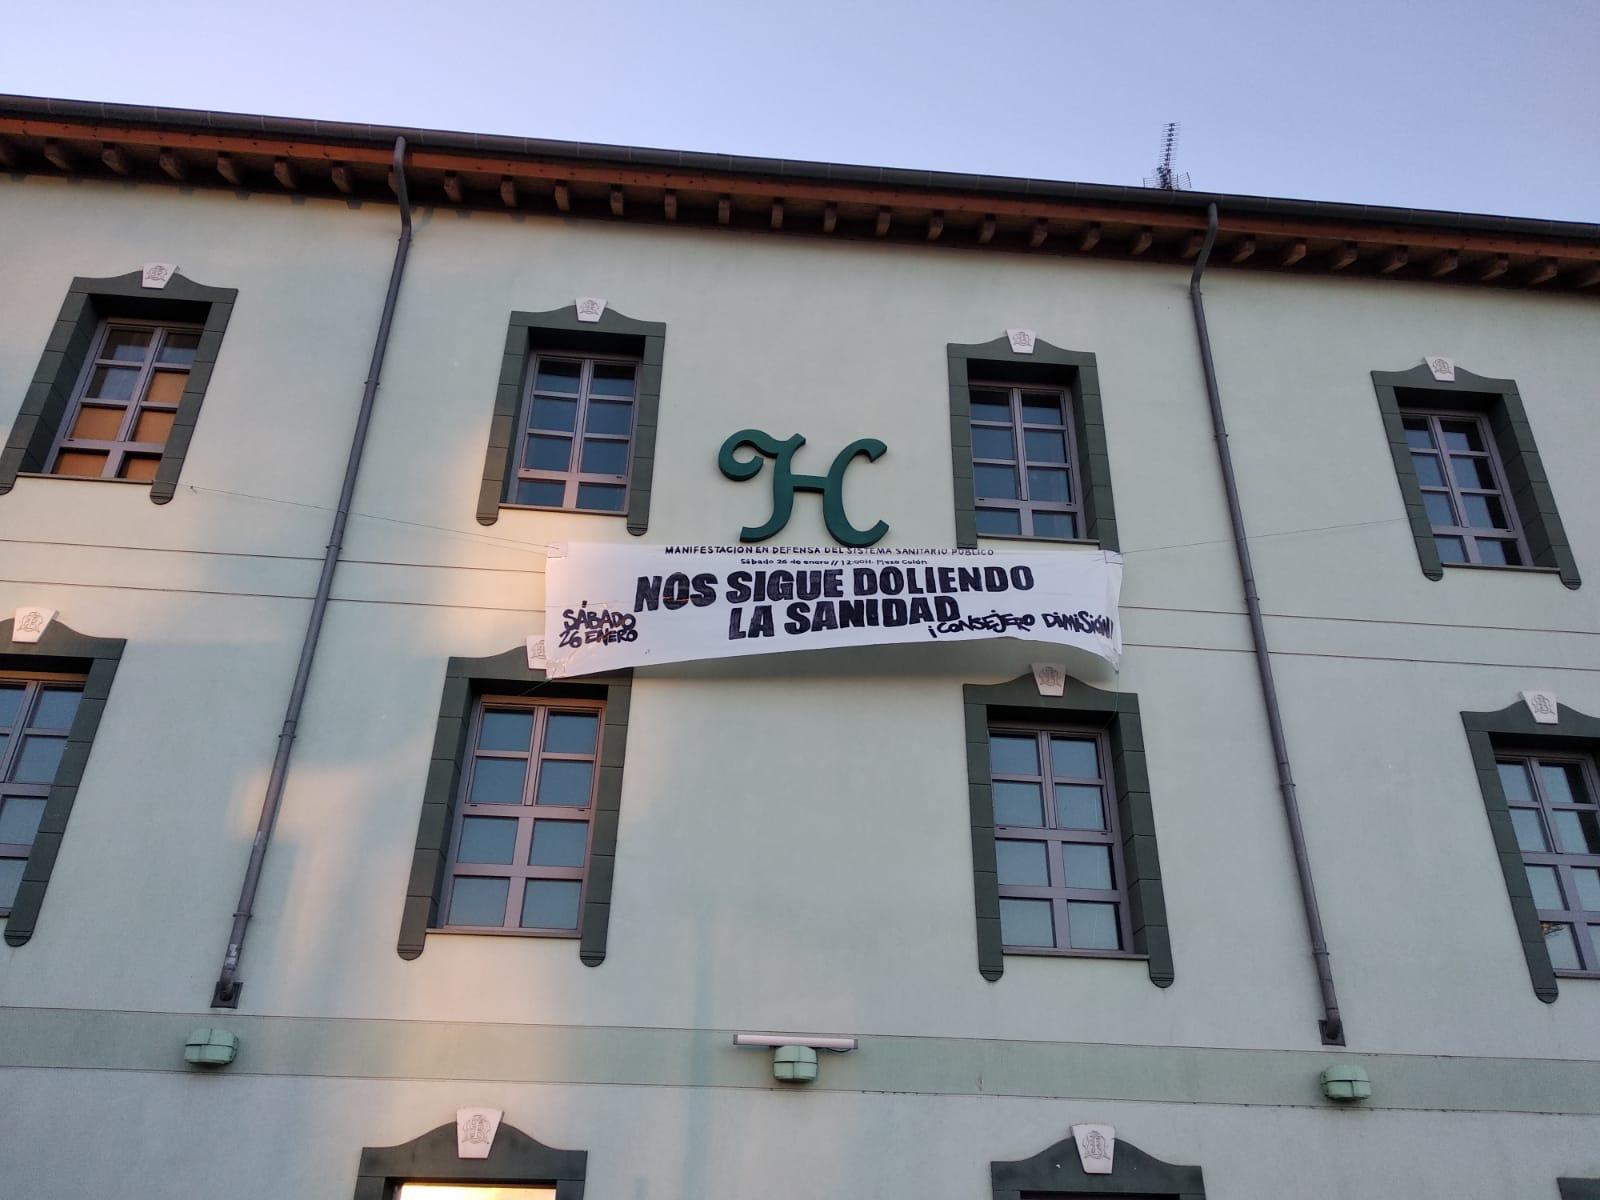 PANCARTA: NOS SIGUE DOLIENDO LA SANIDAD